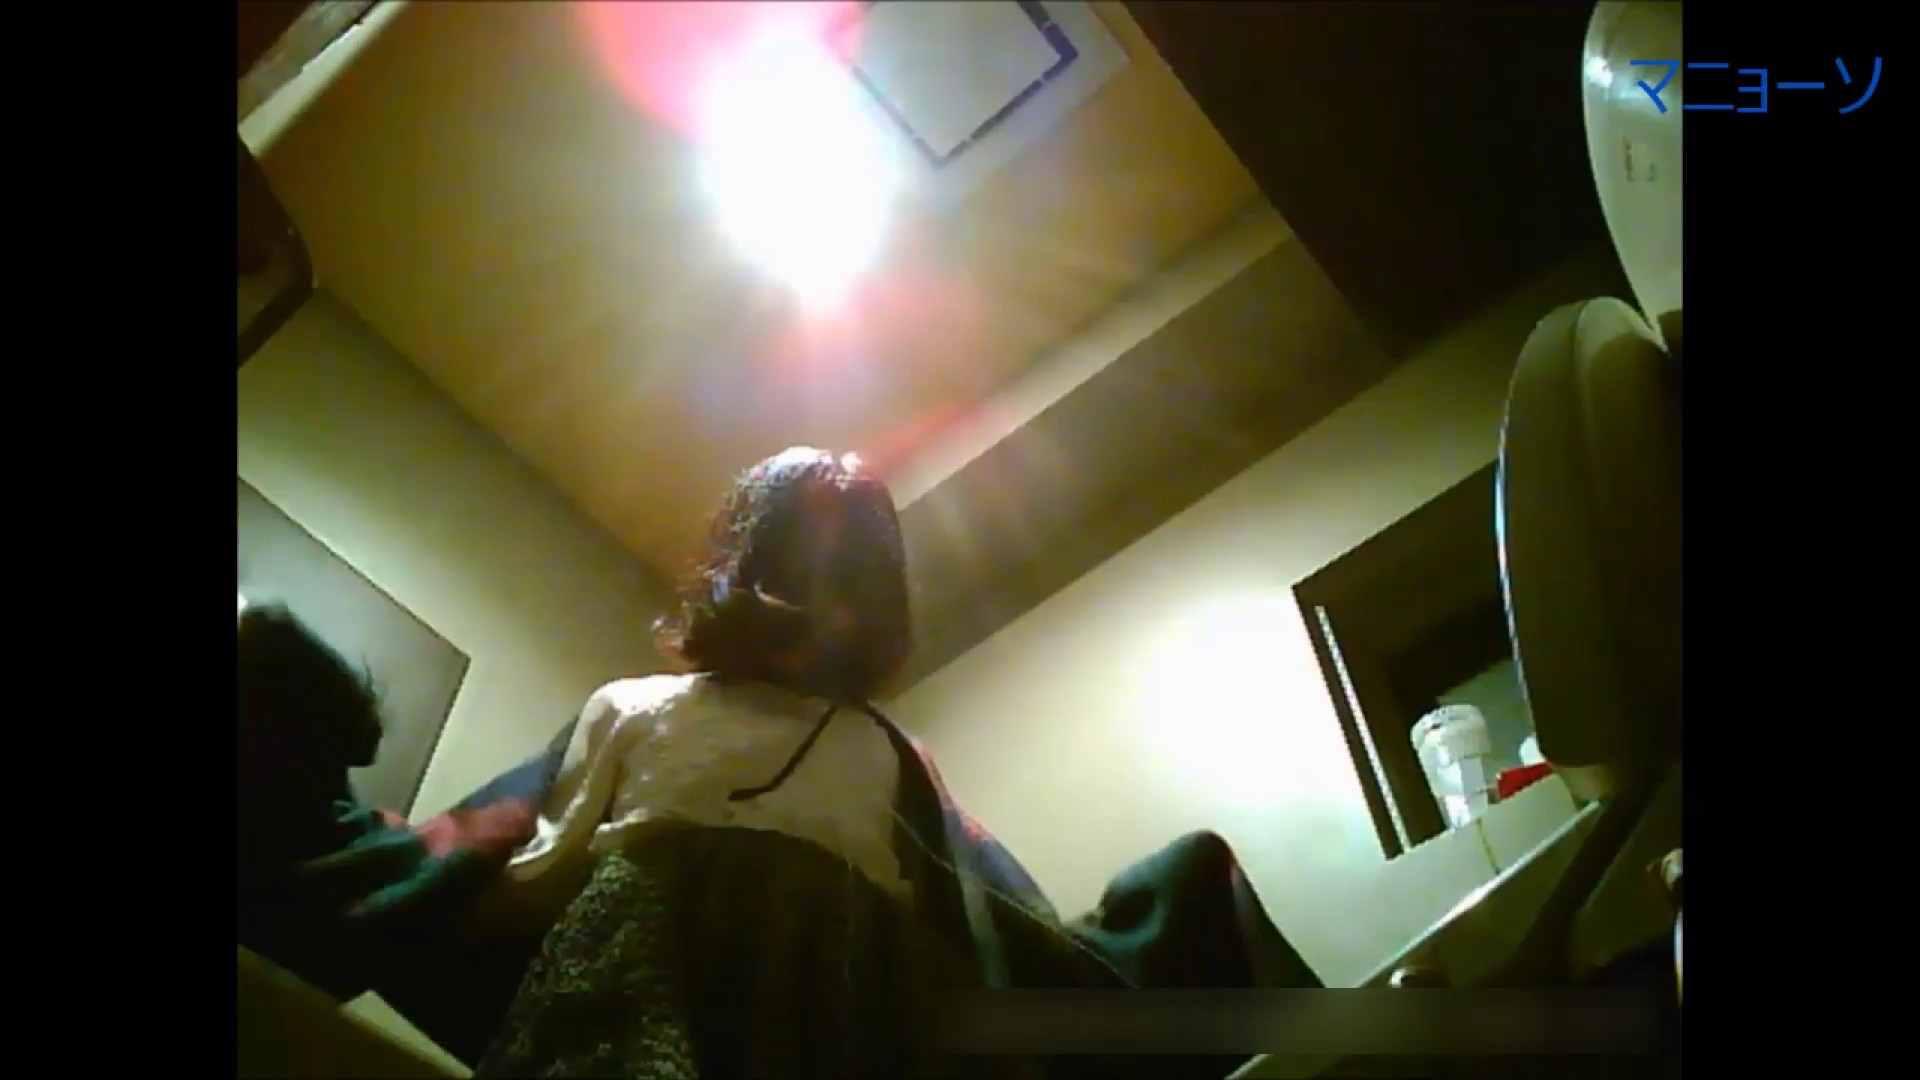 トイレでひと肌脱いでもらいました (JD編)Vol.01 OL  93pic 41